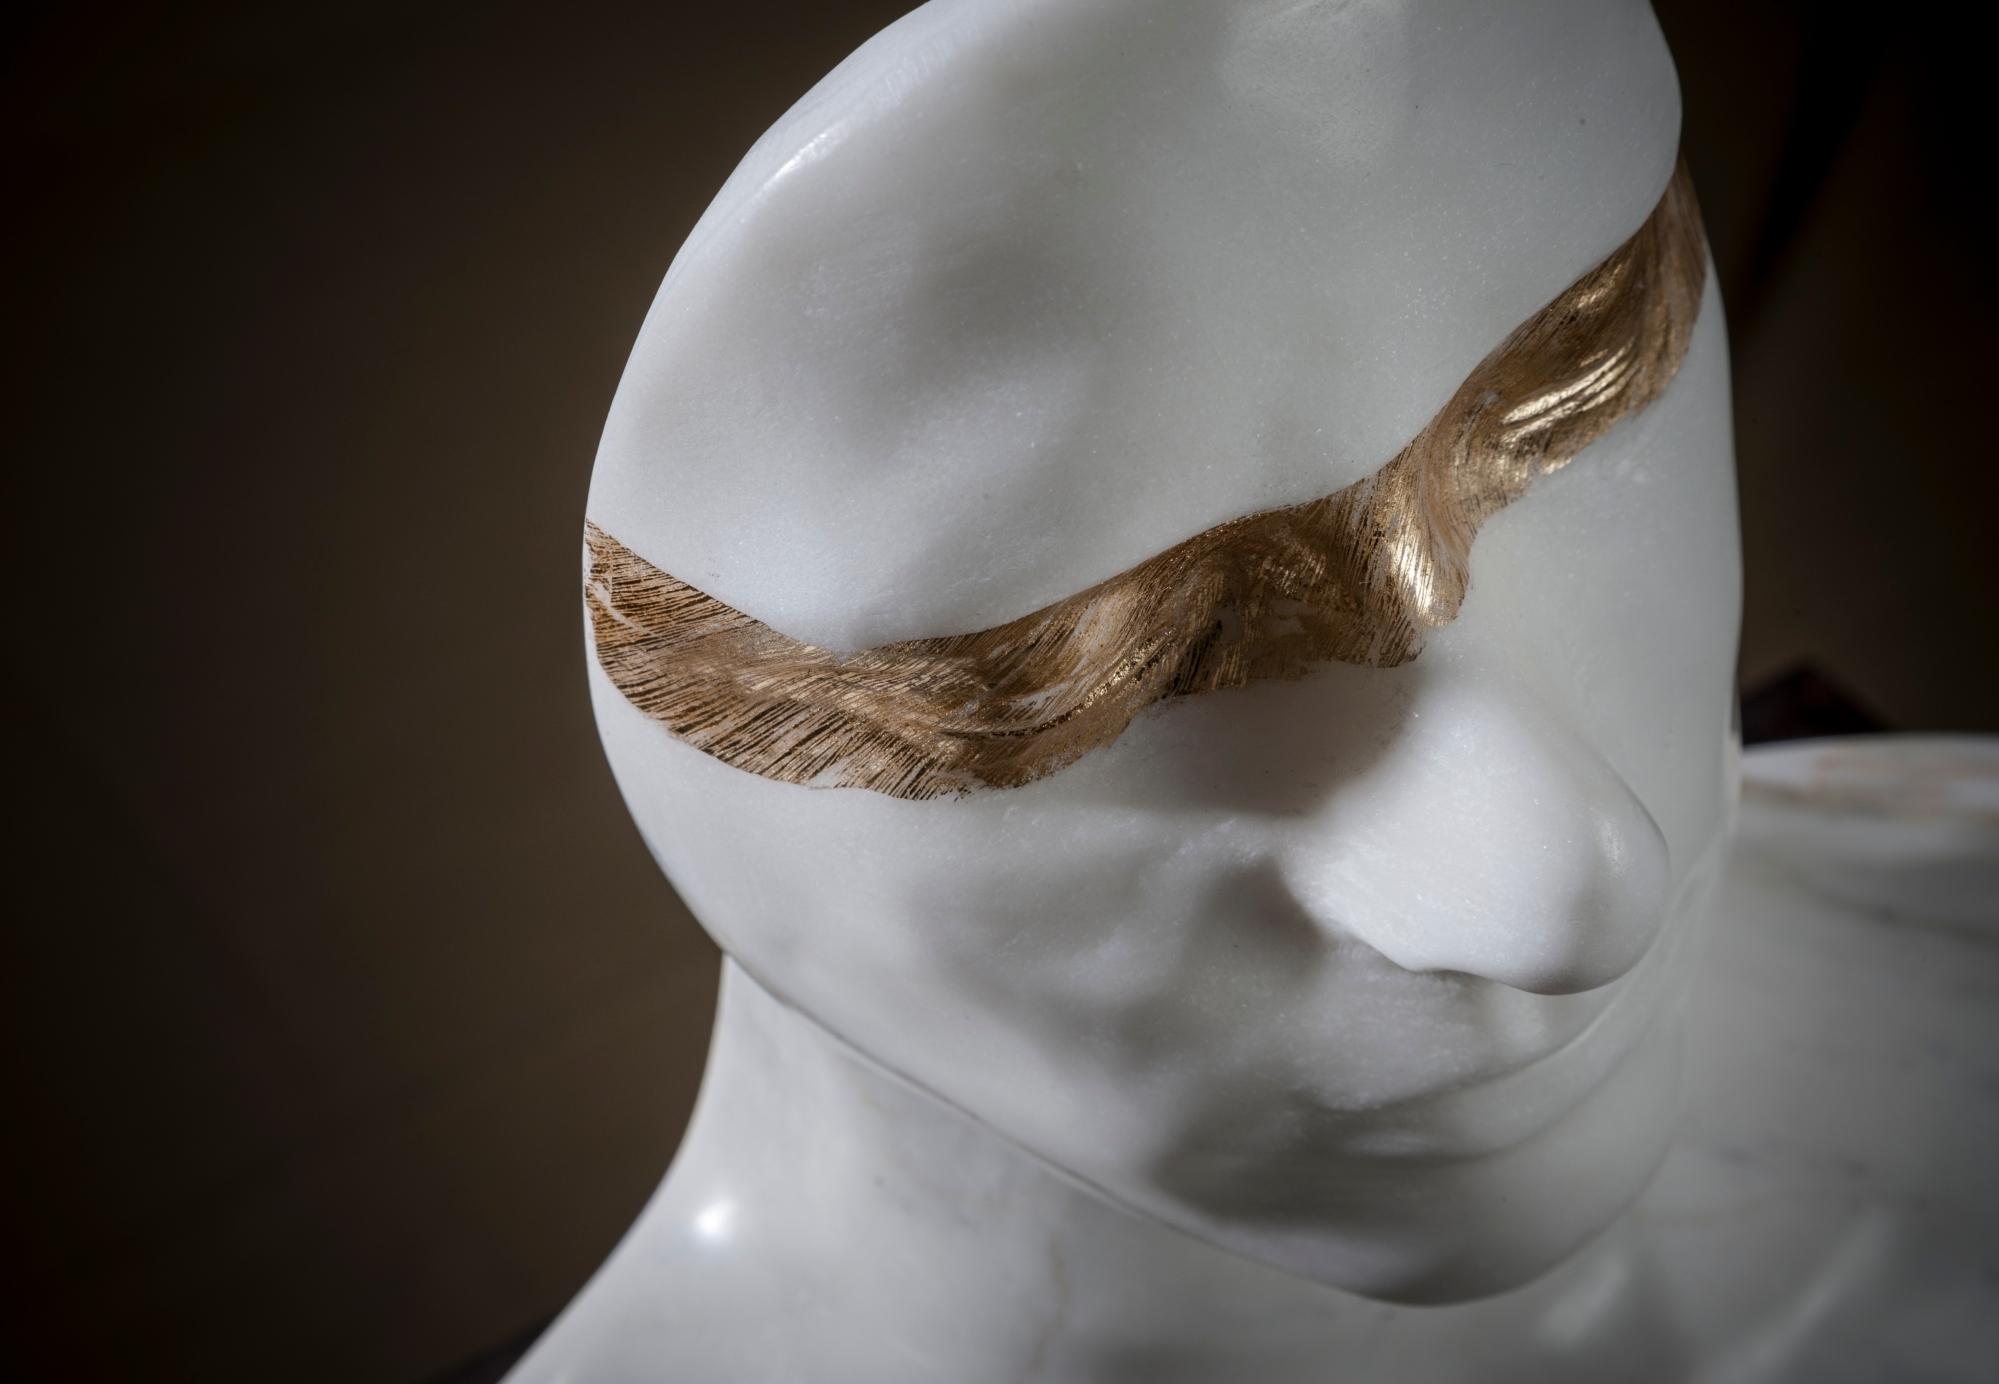 Classic Sculpture, Marble Carving, Gold, Modern Art, Sculpture